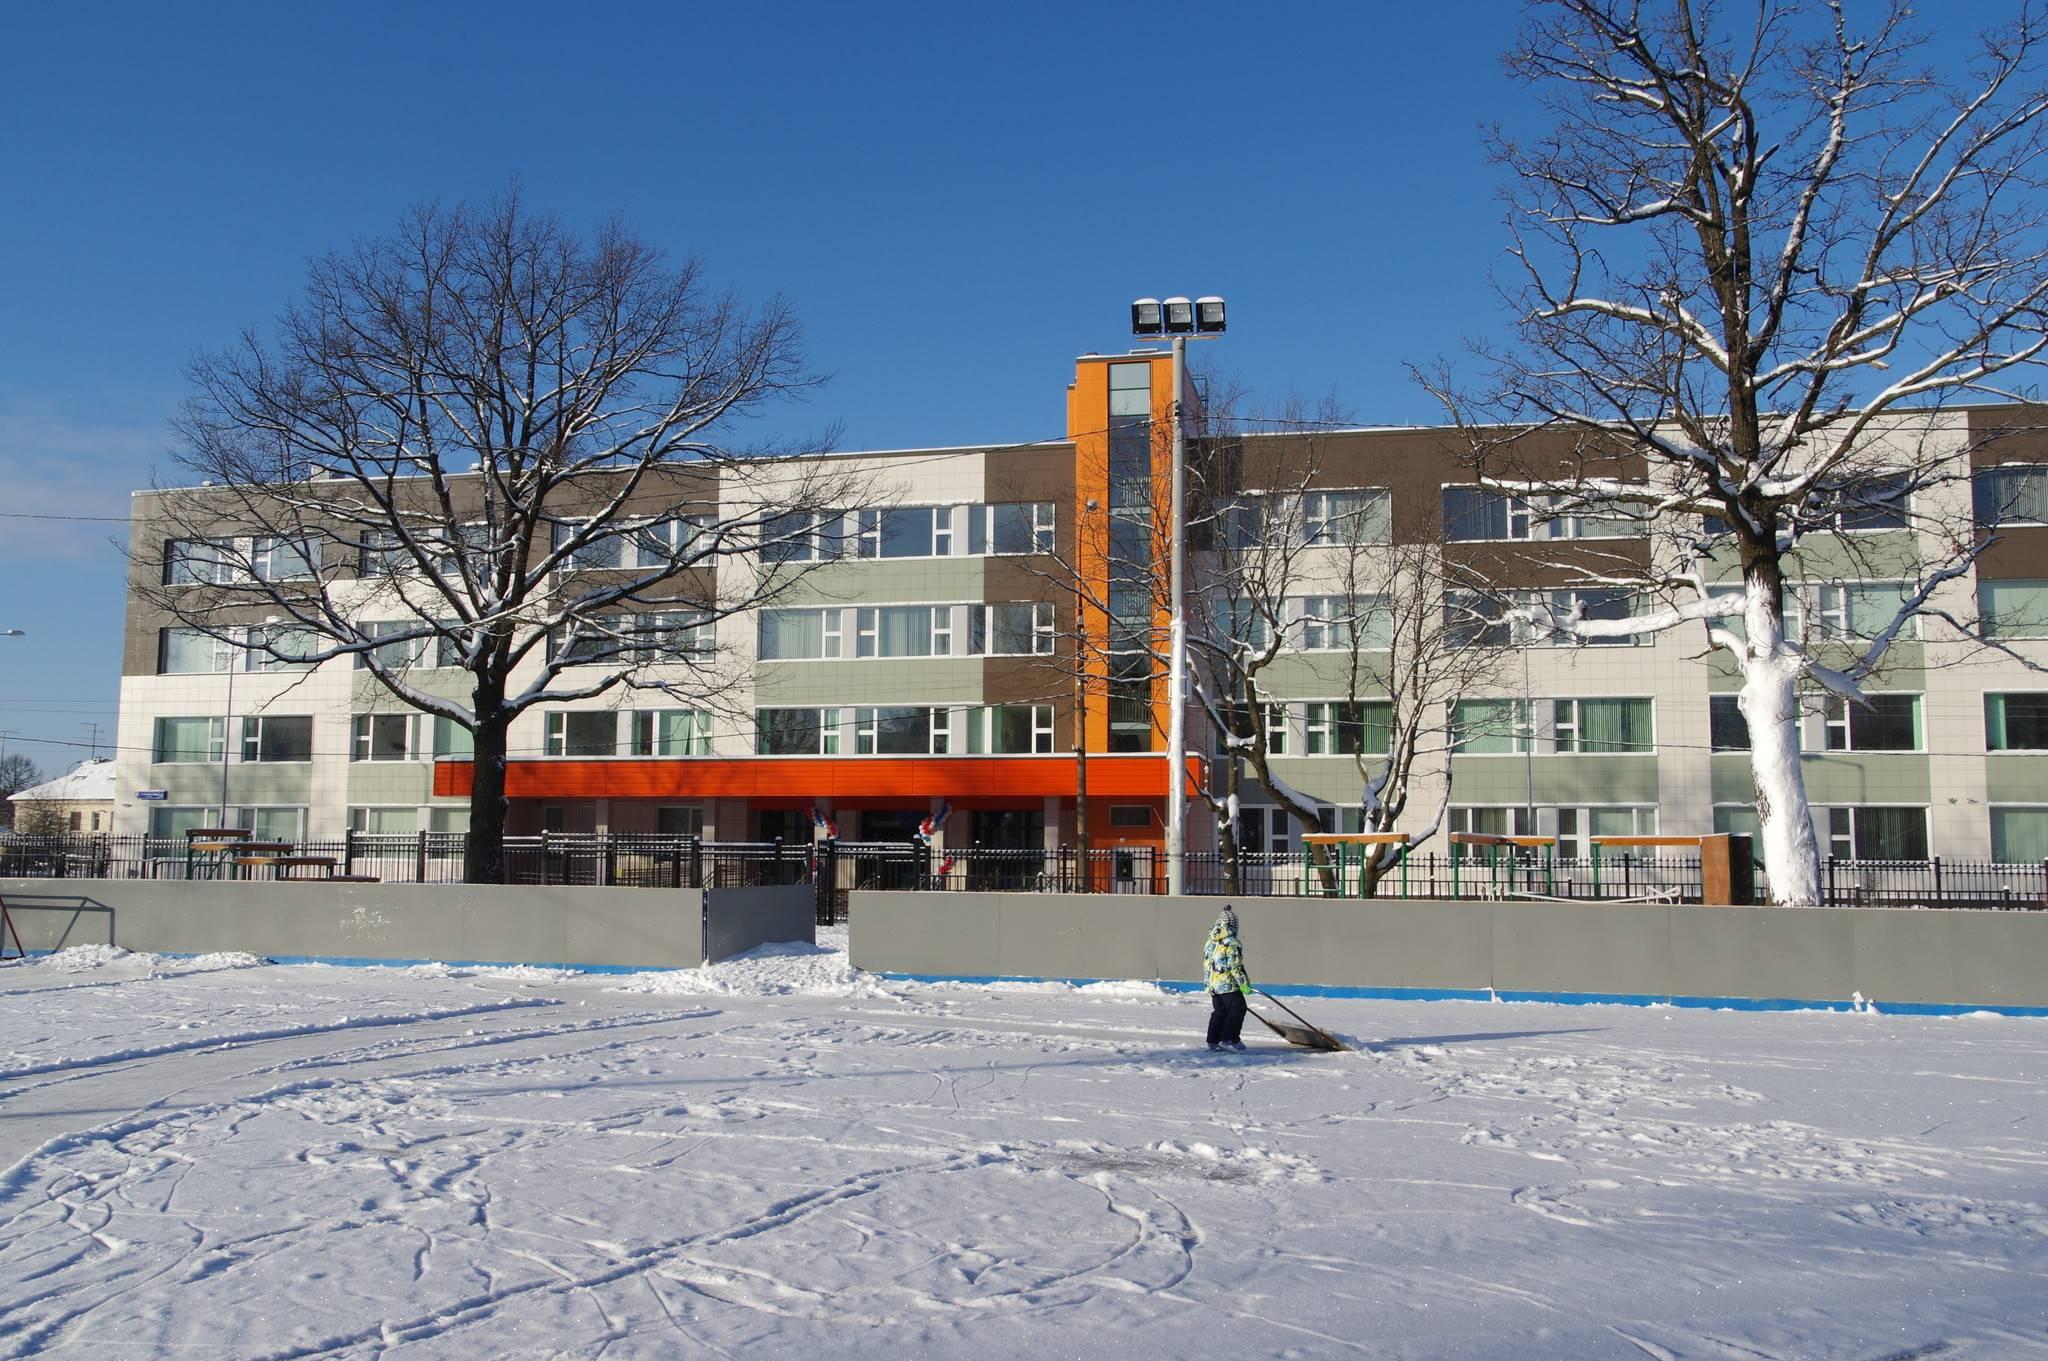 Государственное бюджетное общеобразовательное учреждение города Москвы «Школа № 709» (школьное отделение № 3). 7-я Северная линия, 13, строение 1